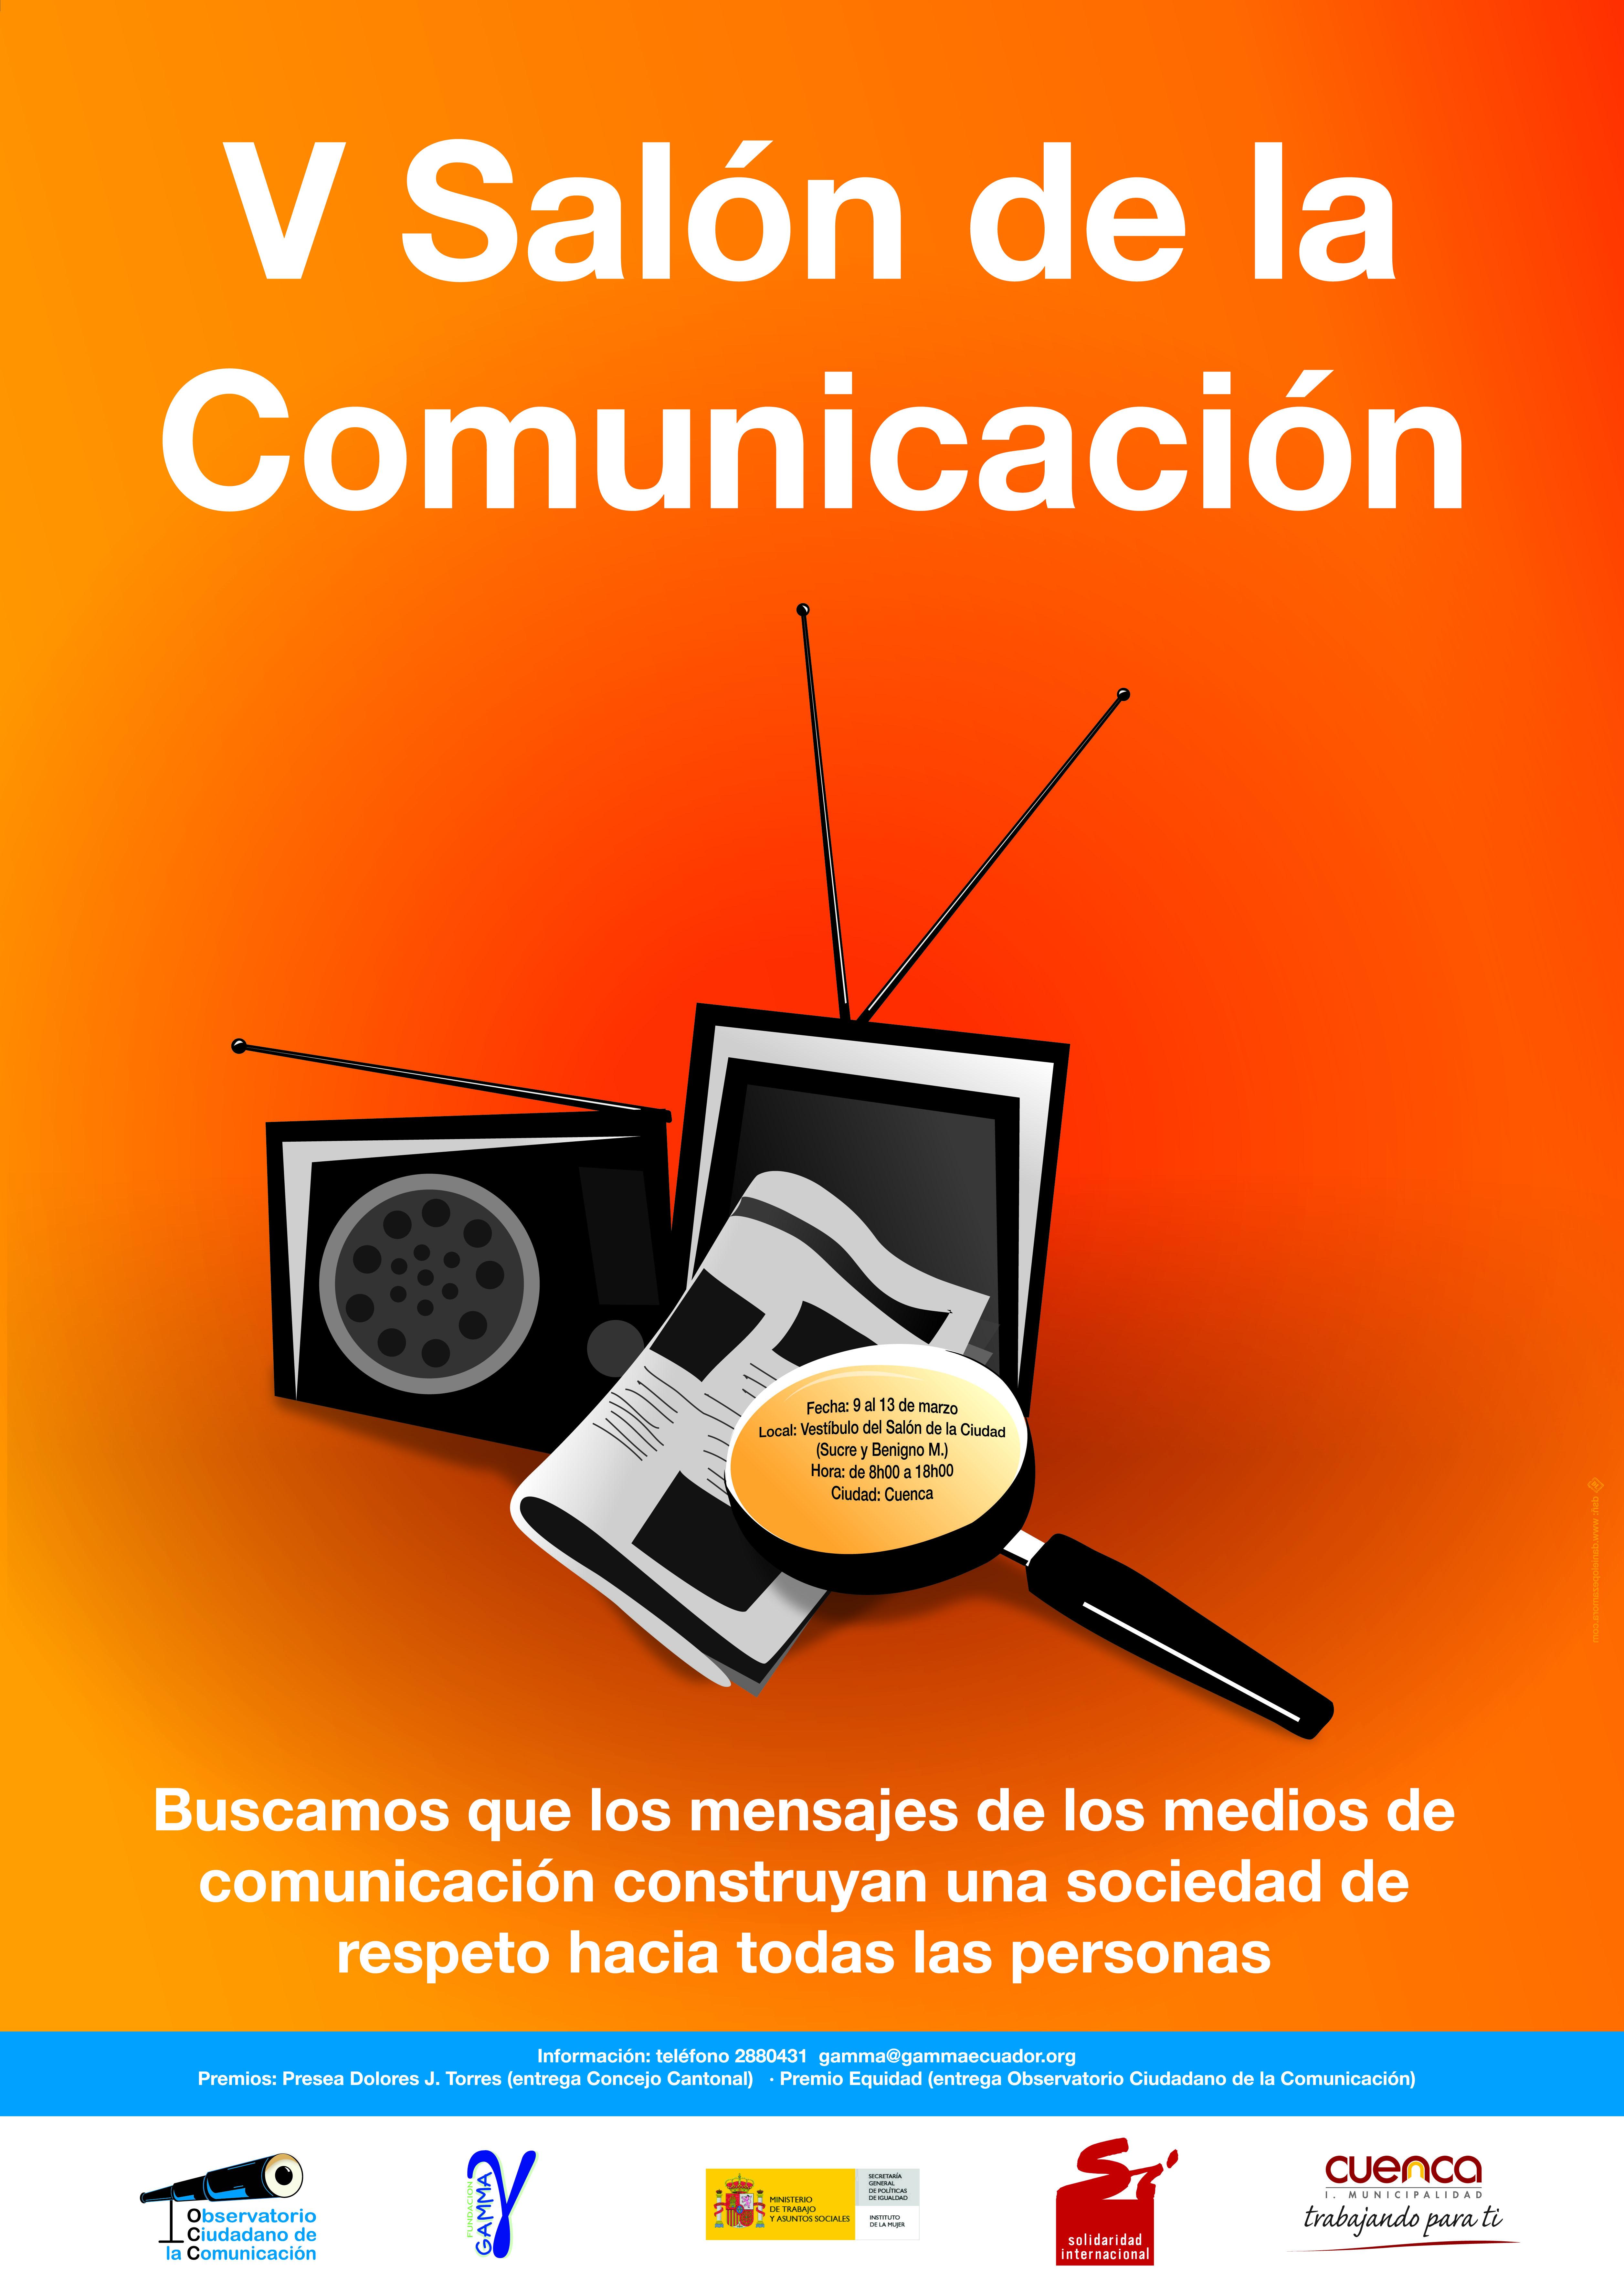 V_salon_comunicacion_afic